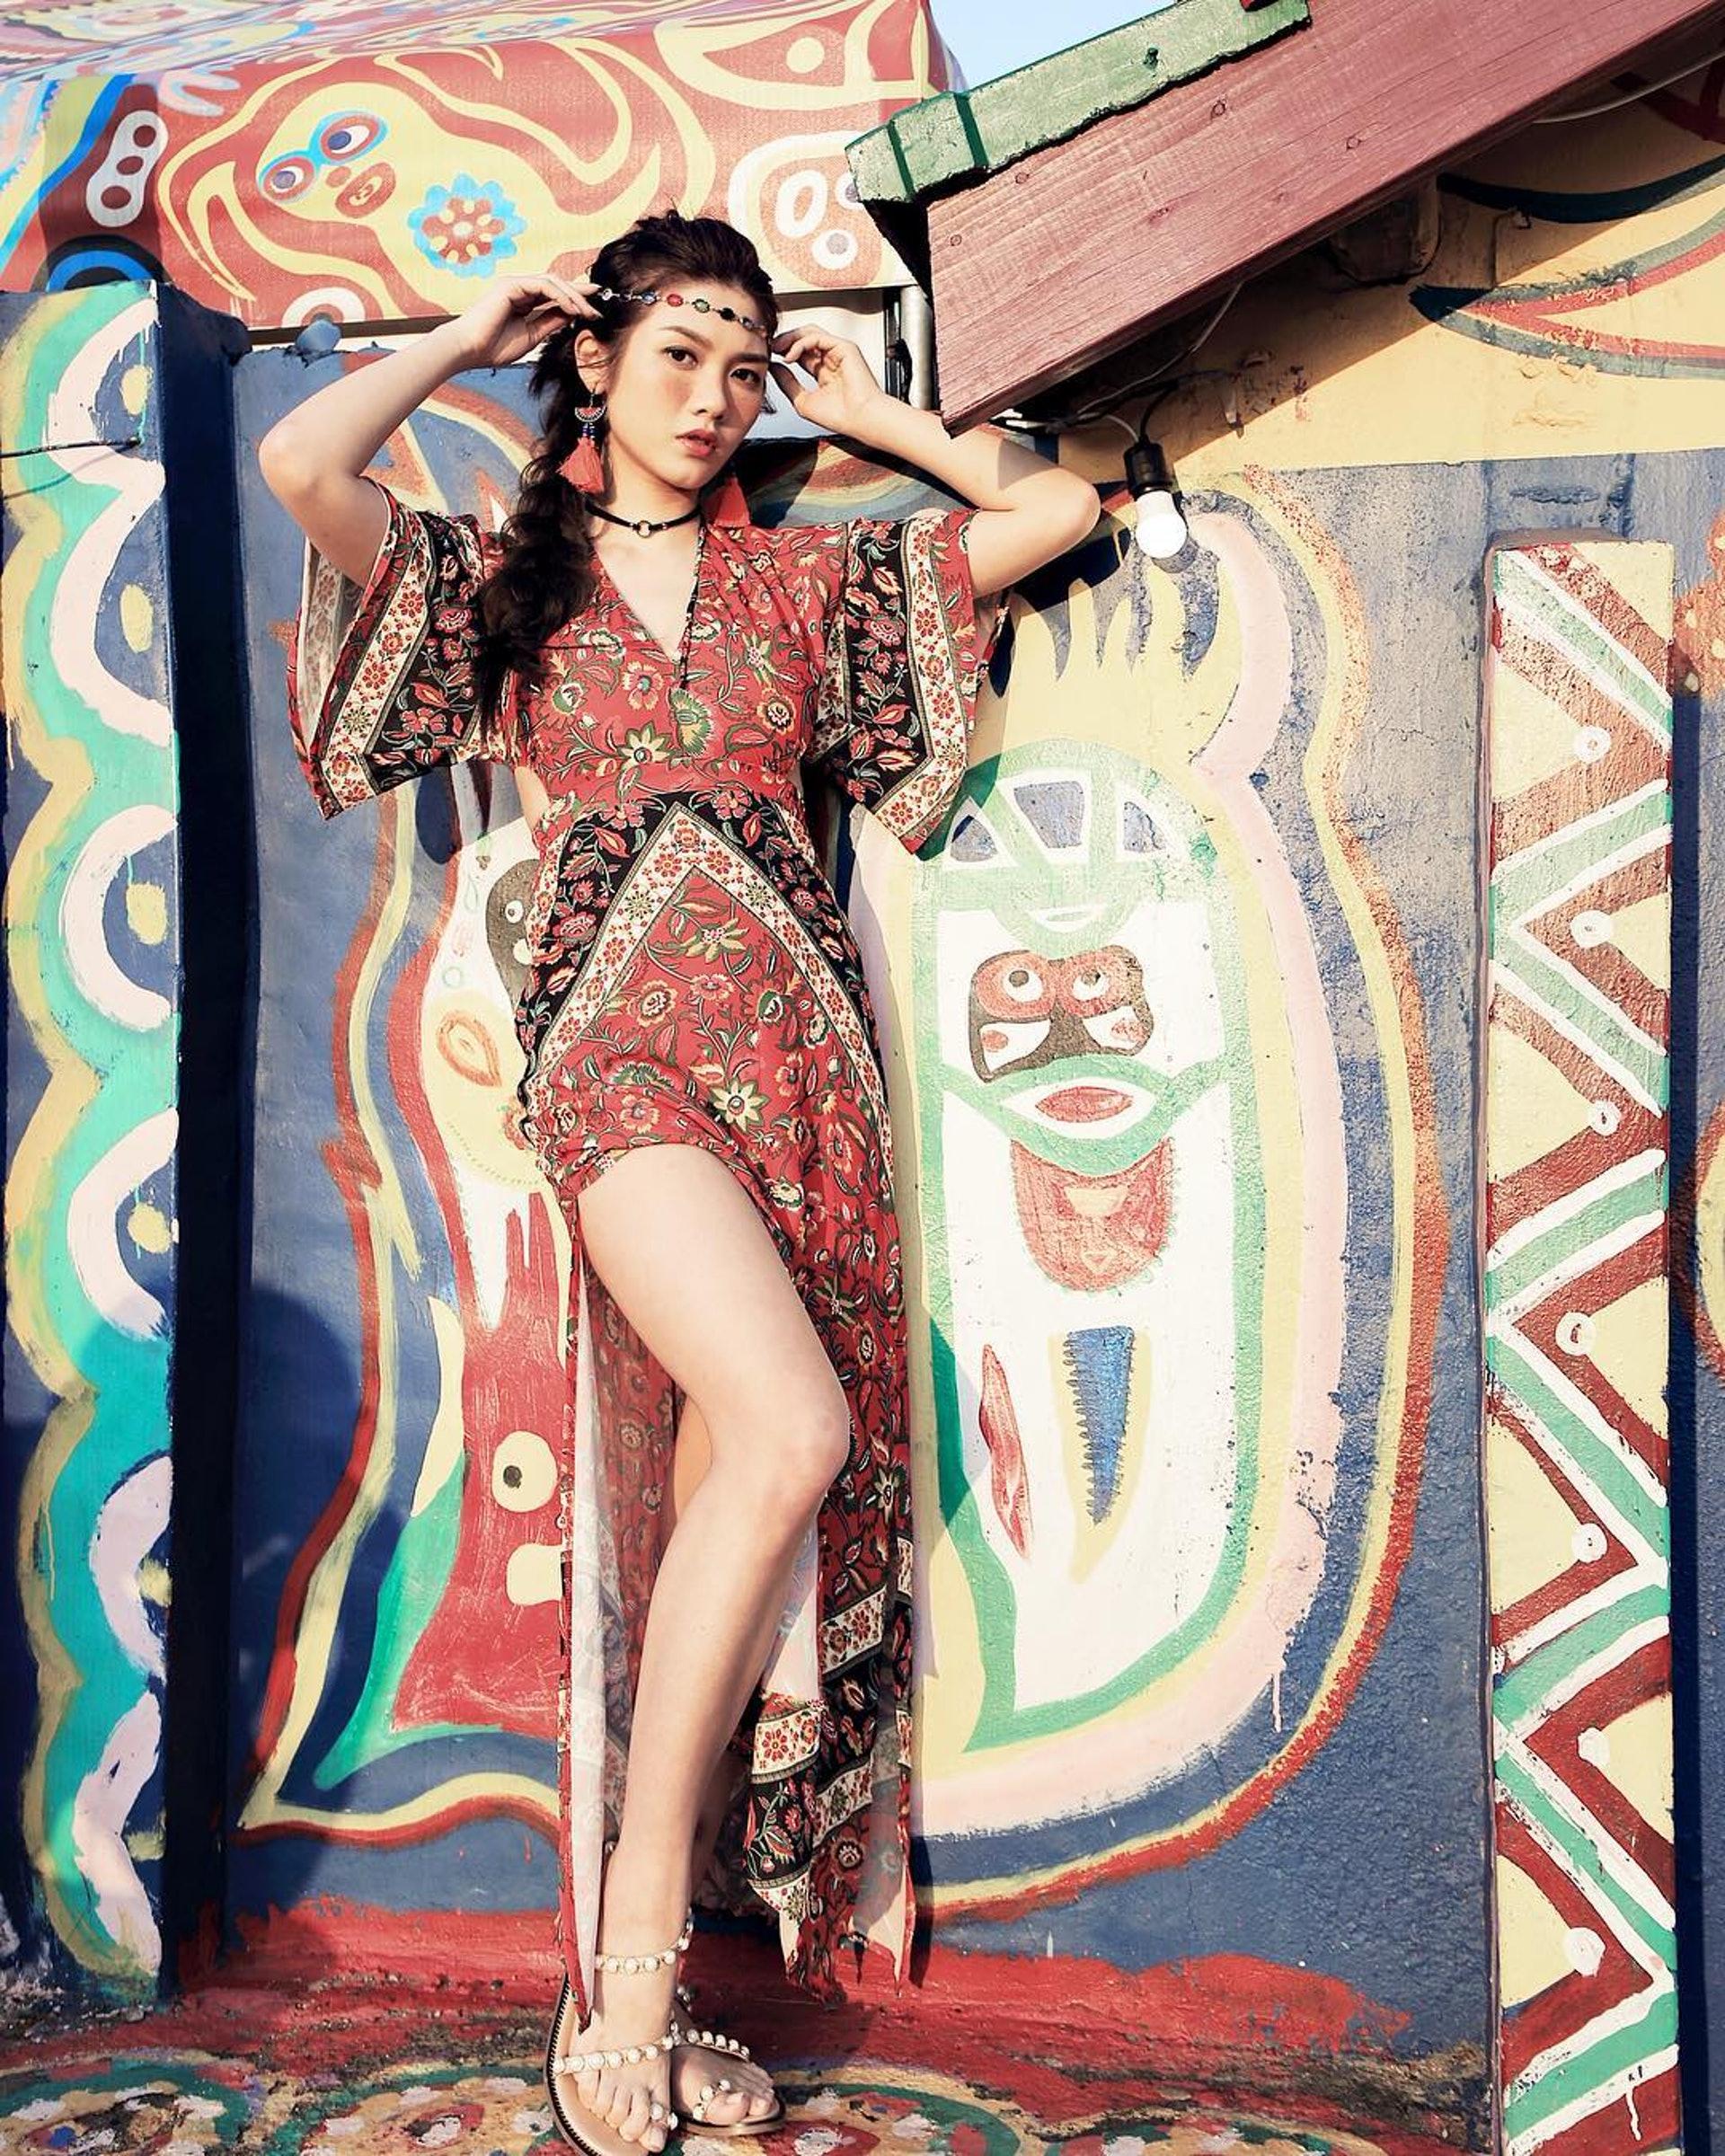 沙律對長腿都好吸引。(IG@charlottecheung107圖片)